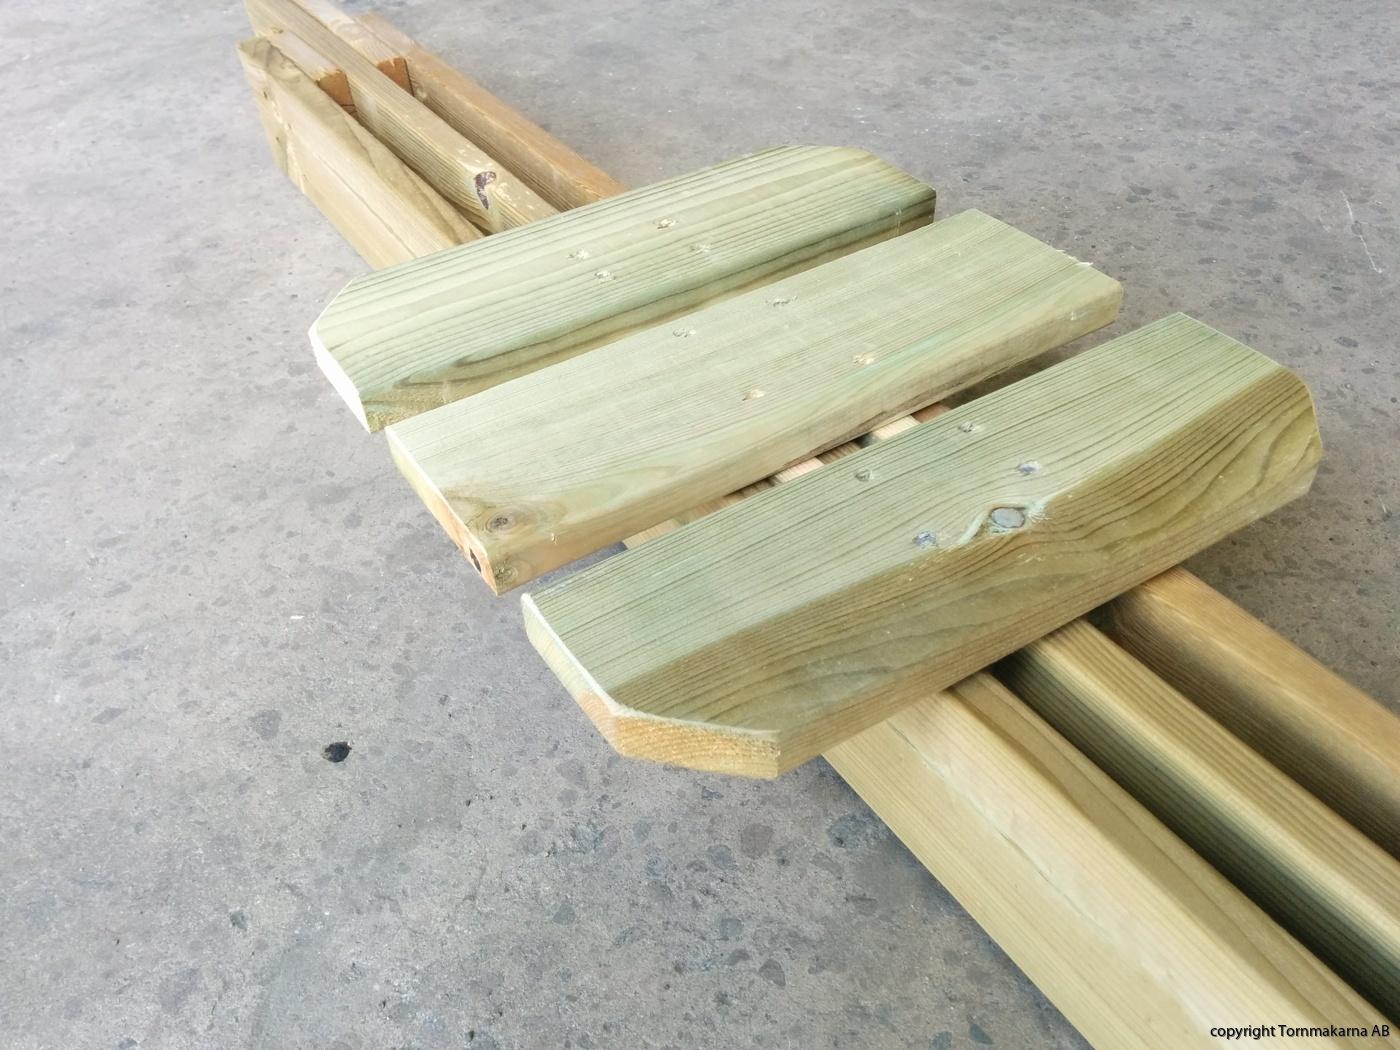 Sitsen monterad på sittbrädan